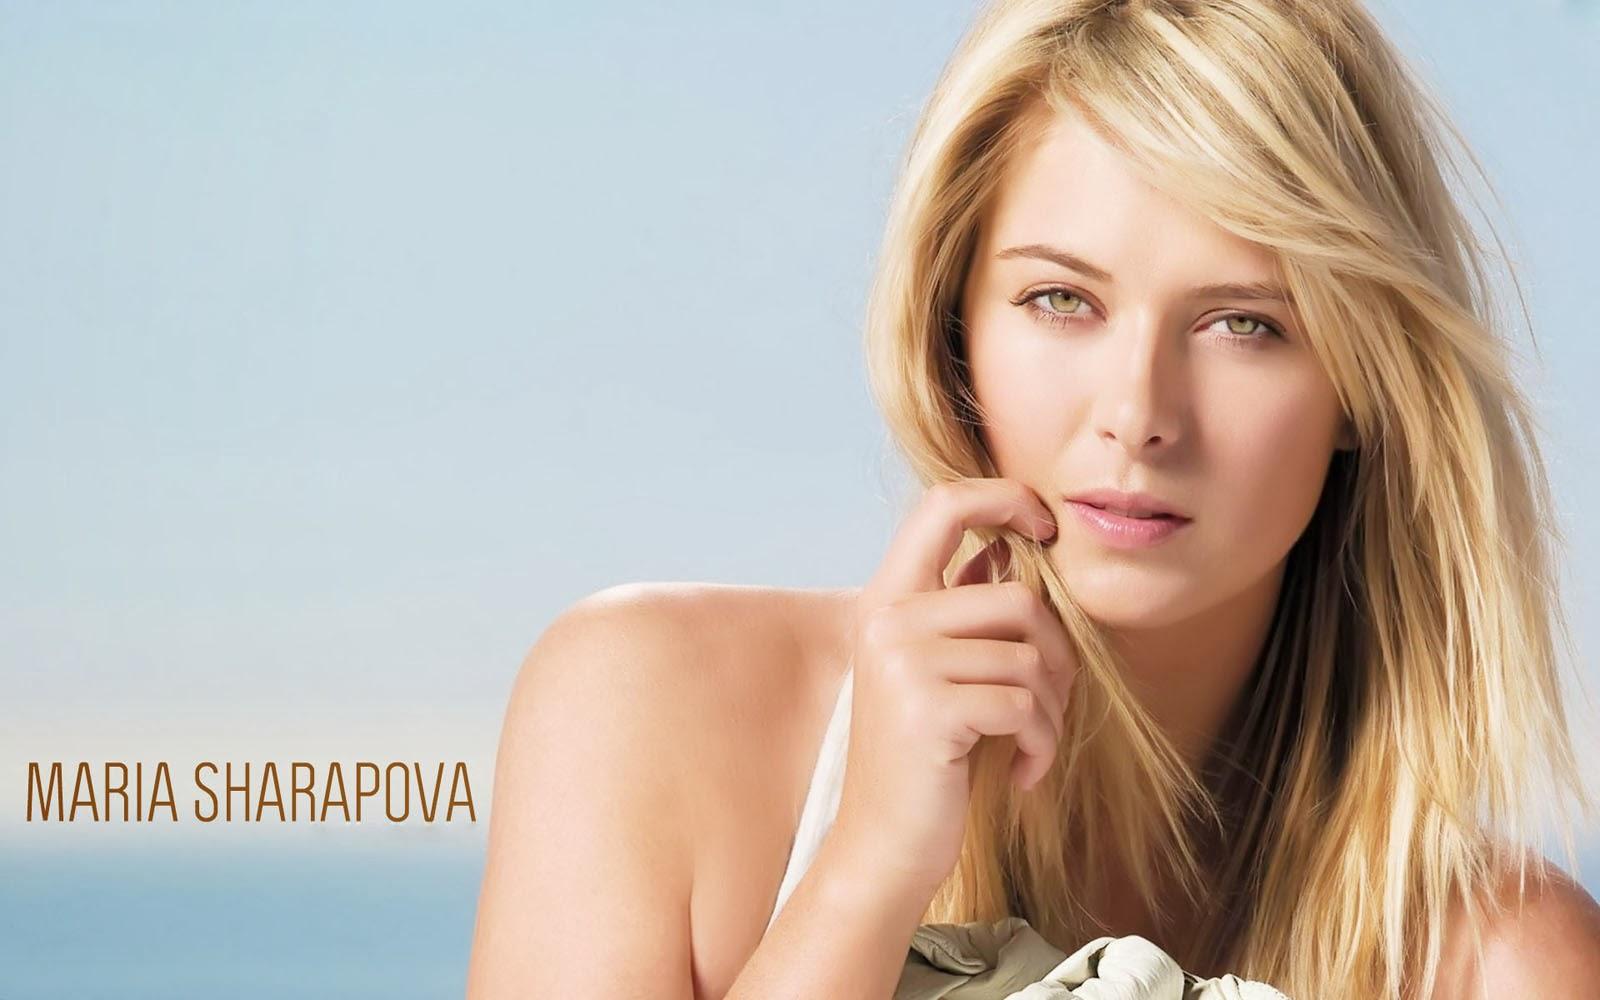 Free Wallpaper Cars And Beautiful Ladies Ferrari Wallpapers Maria Sharapova Desktop Wallpapers